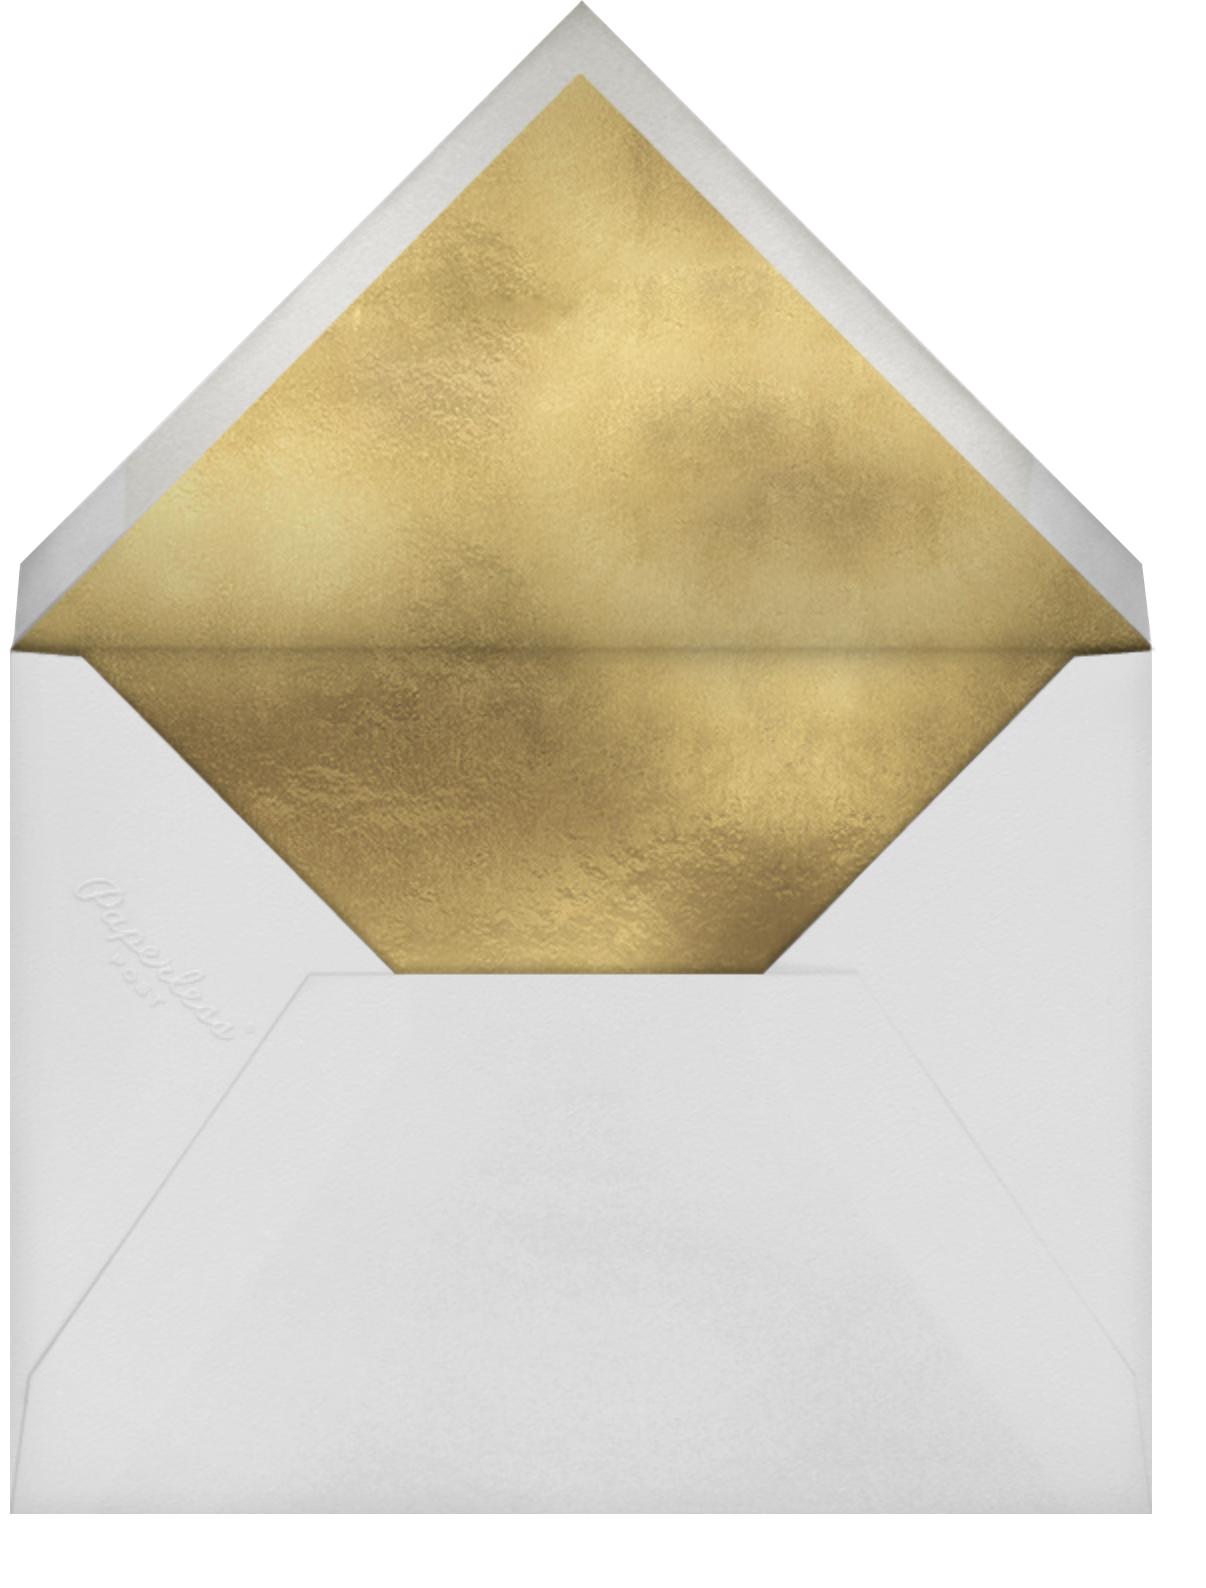 Dappled Blocks - Ashley G - Kids' birthday - envelope back